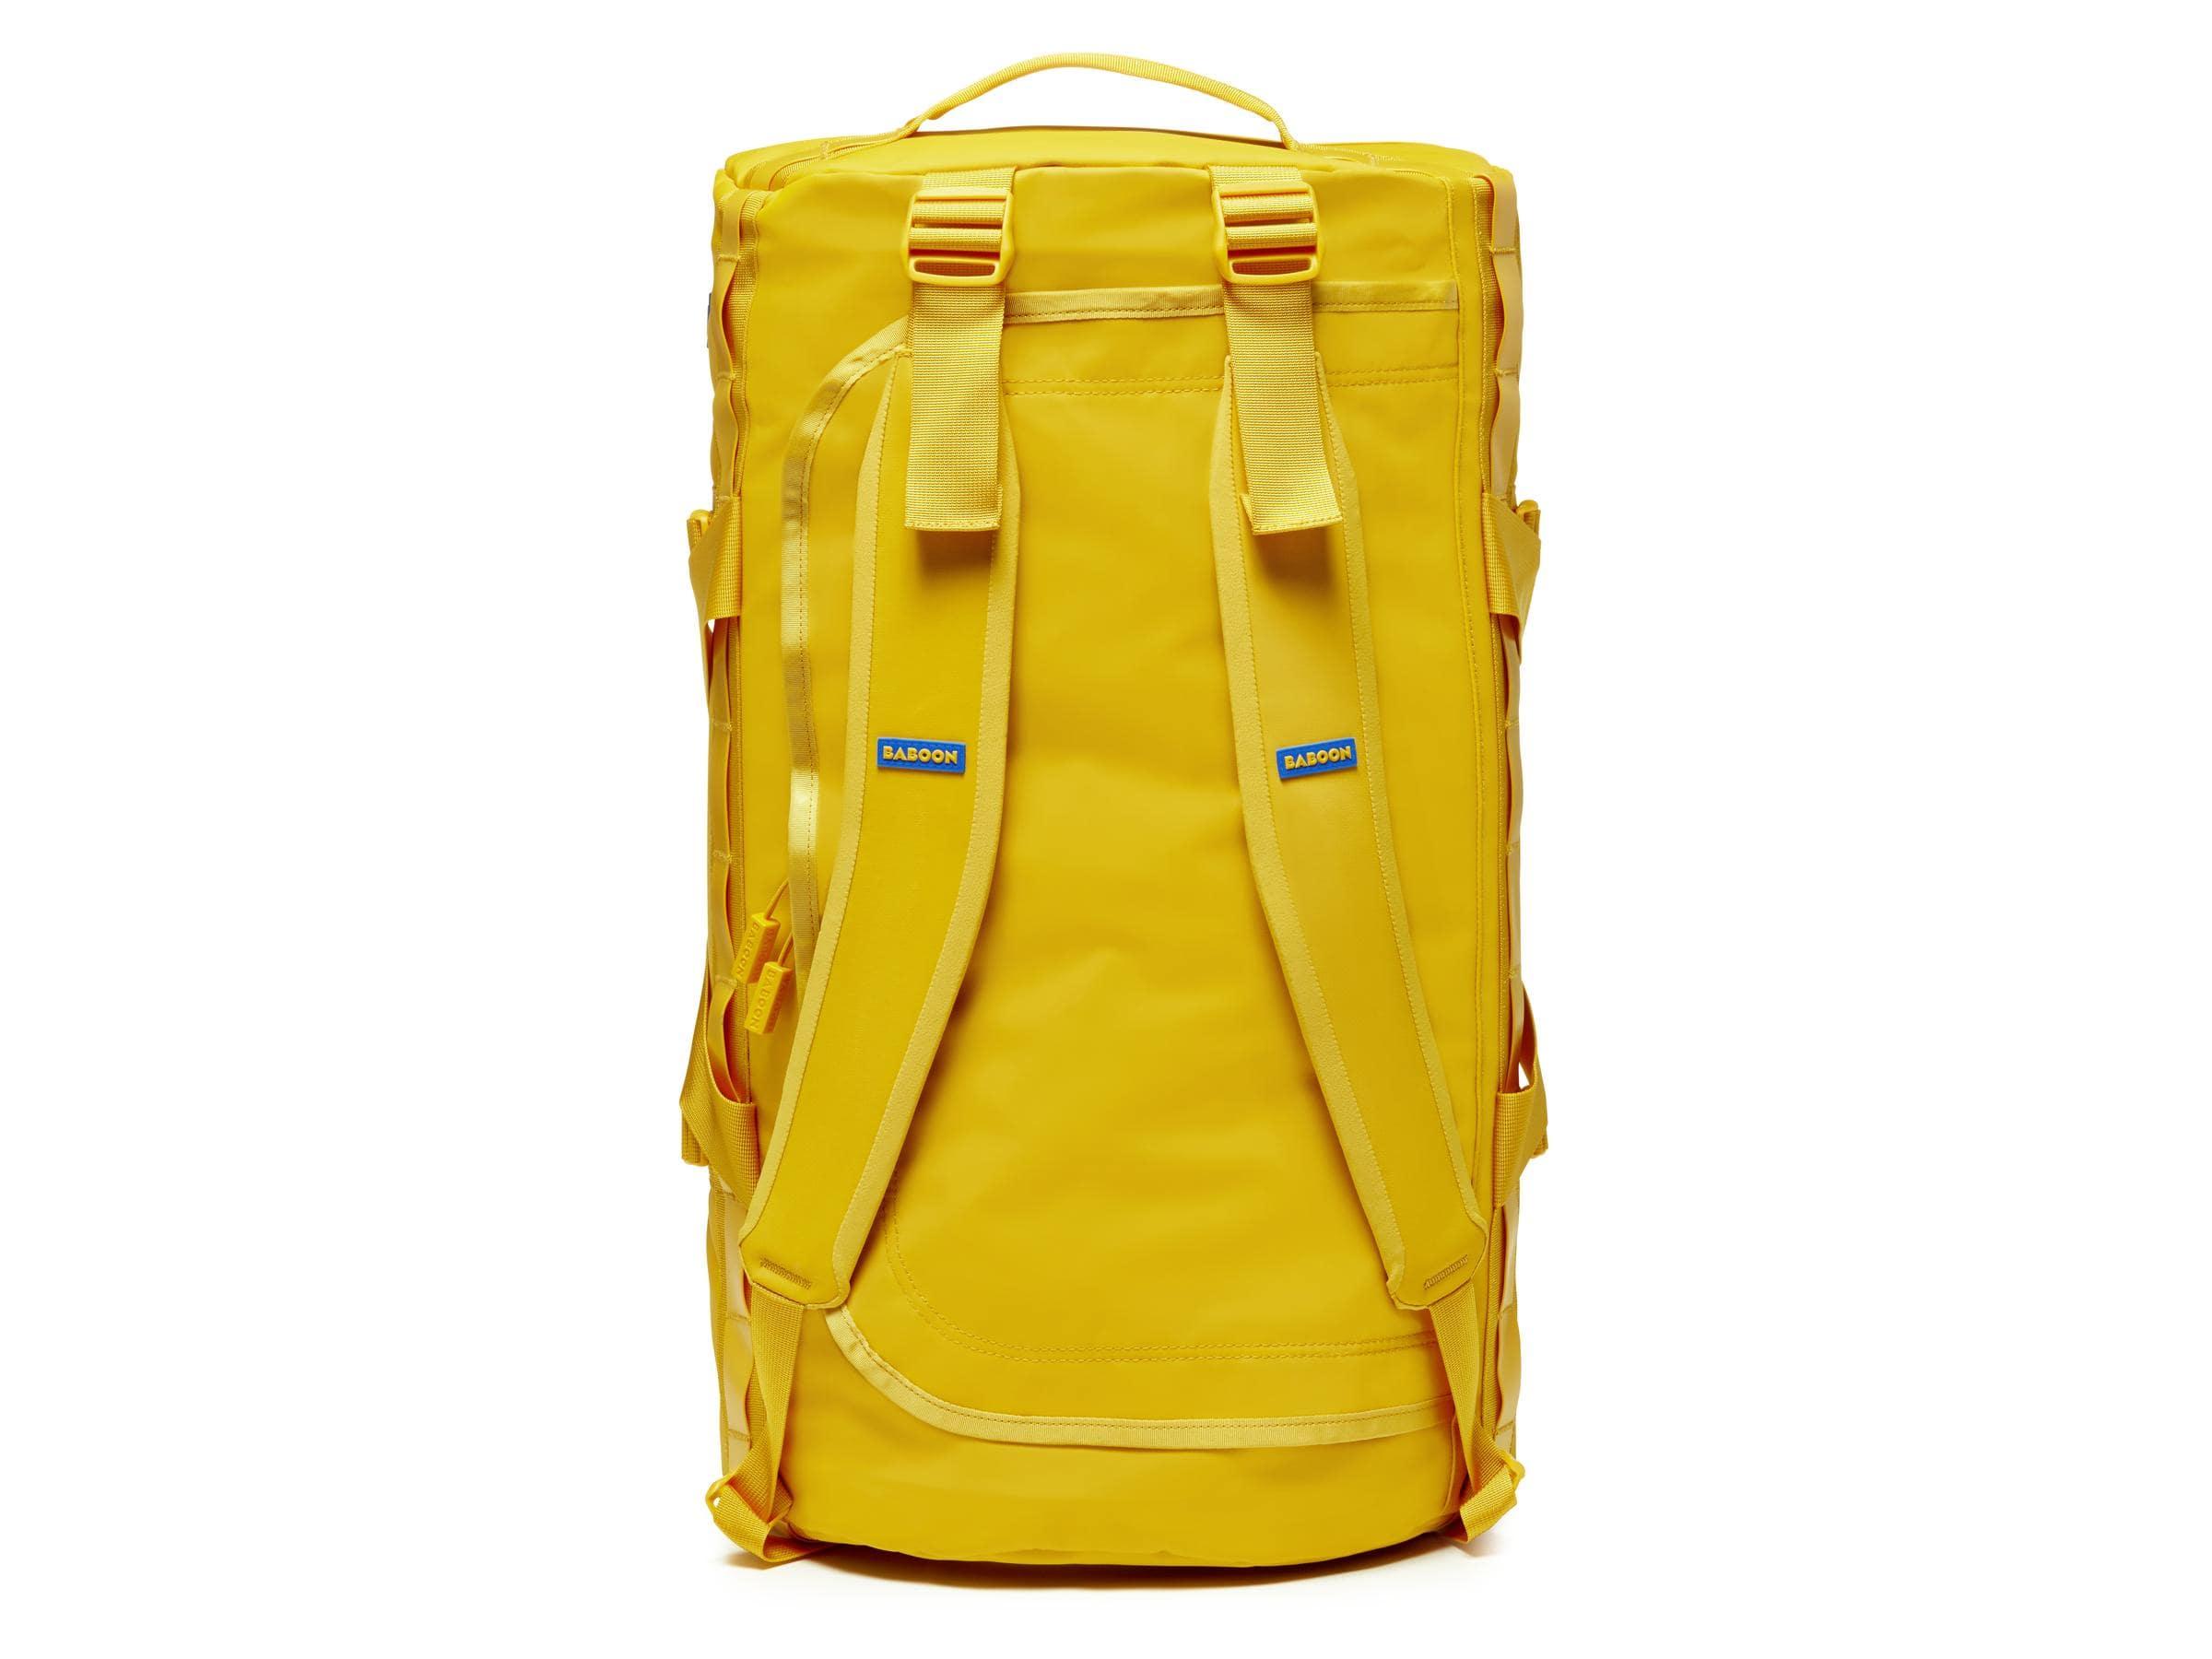 baboon-yellow-tigernaut-go-bag-large-03-38328